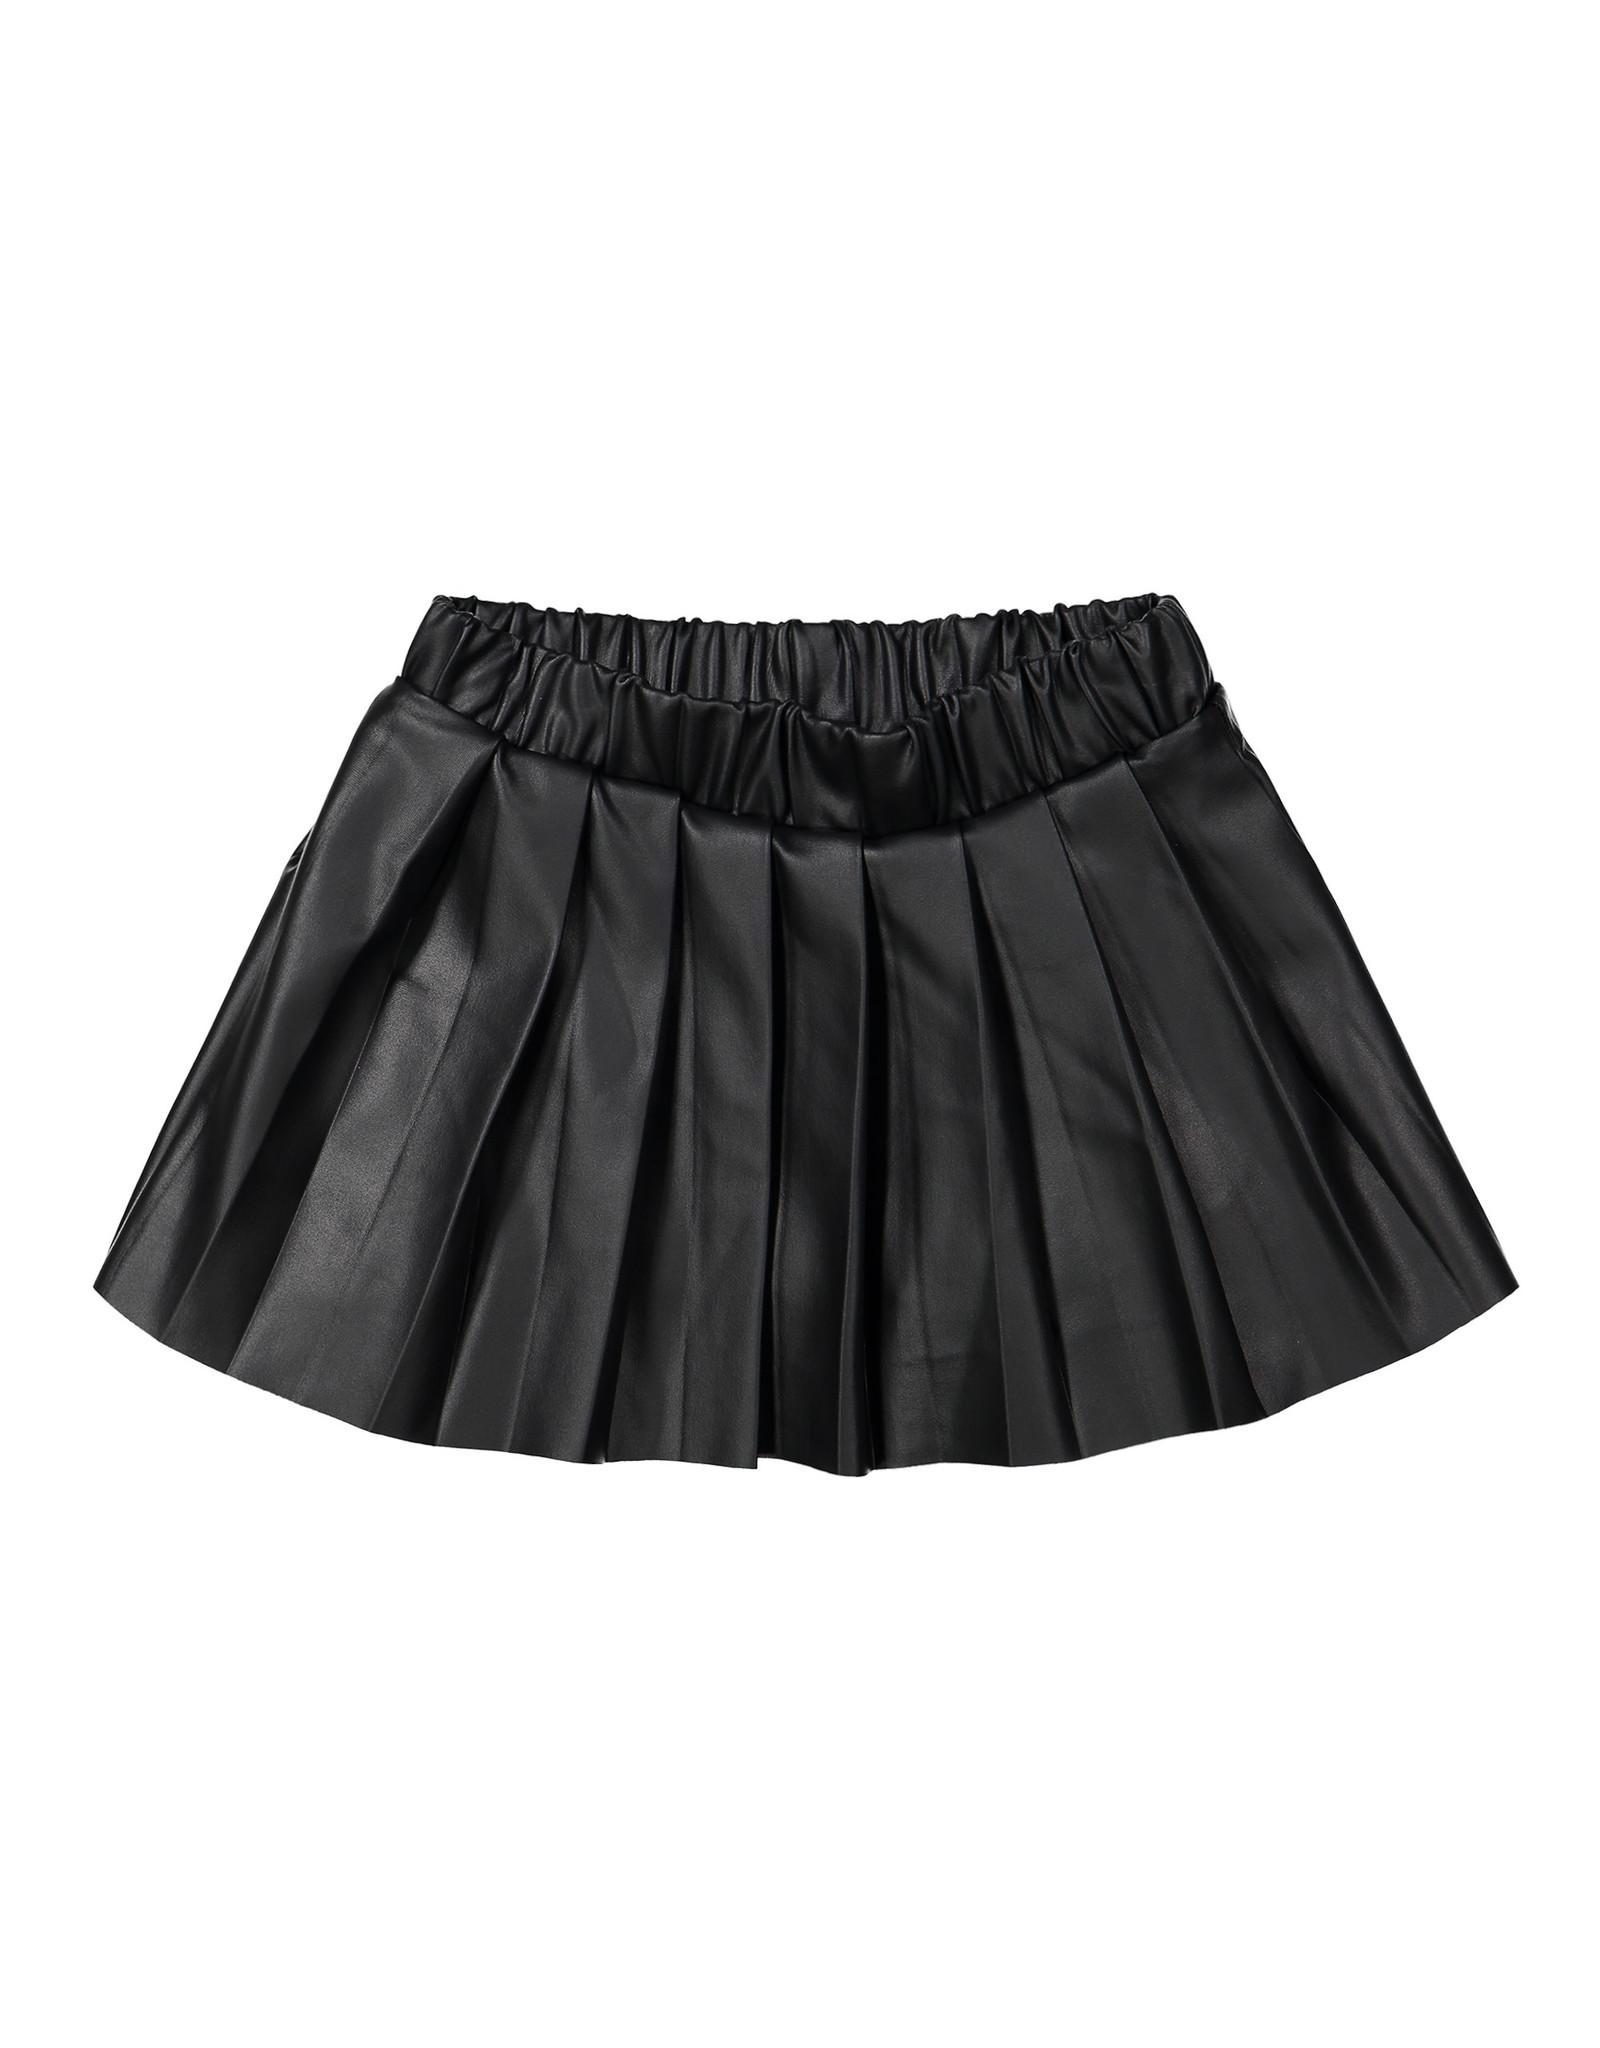 Koko Noko Girls Skirt Black